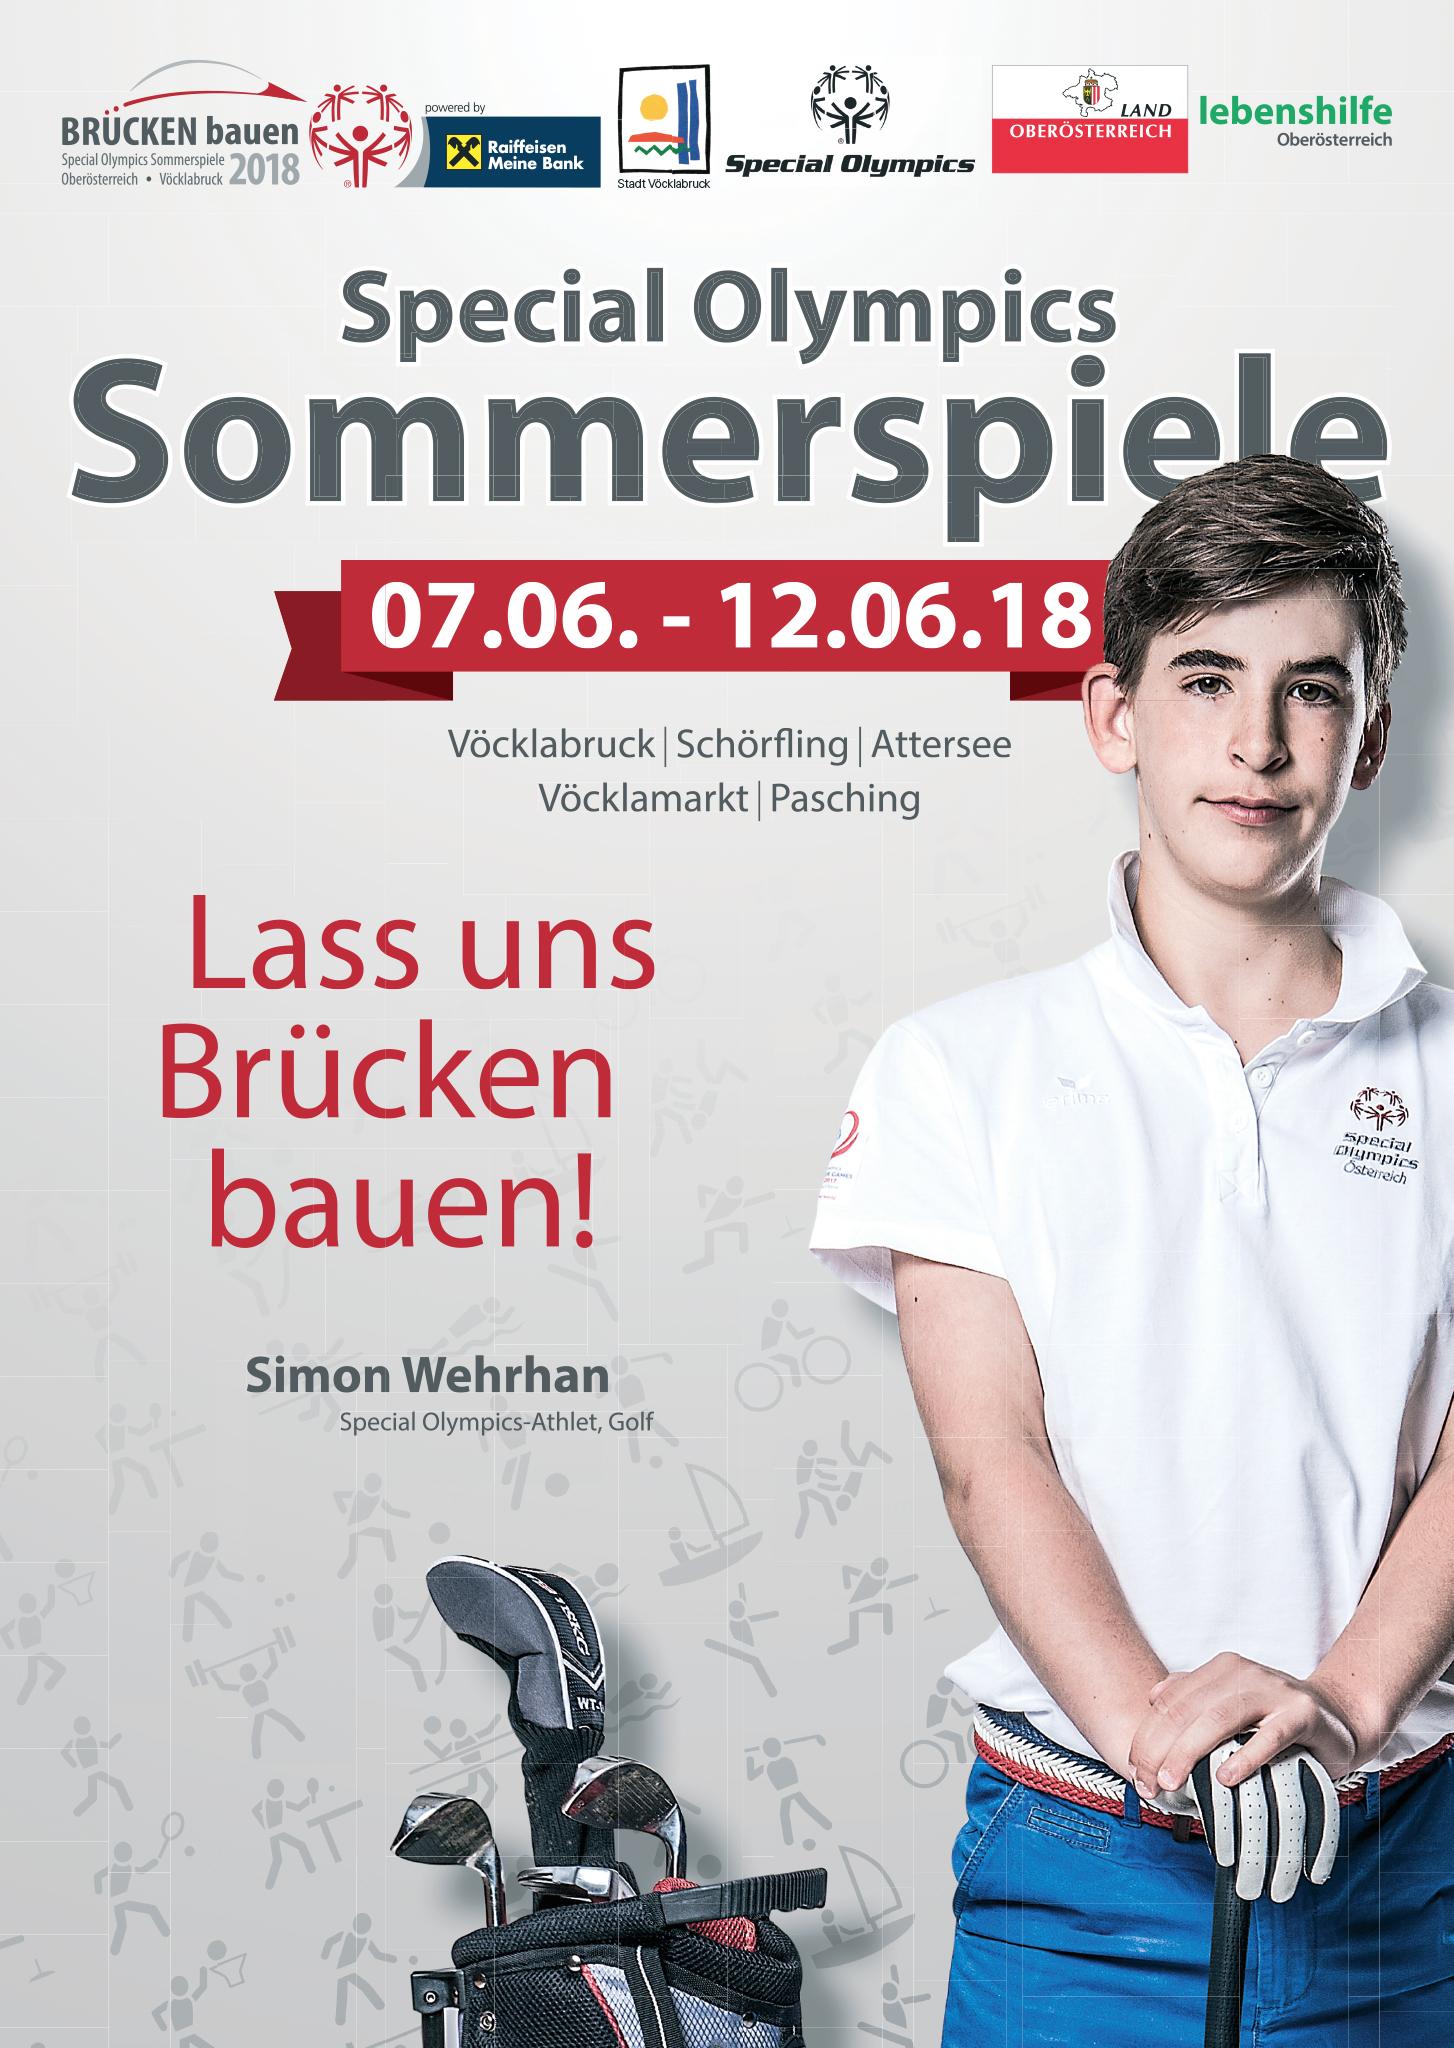 Plakate_A3_Brueckenbauen2018_Auflage_1-8